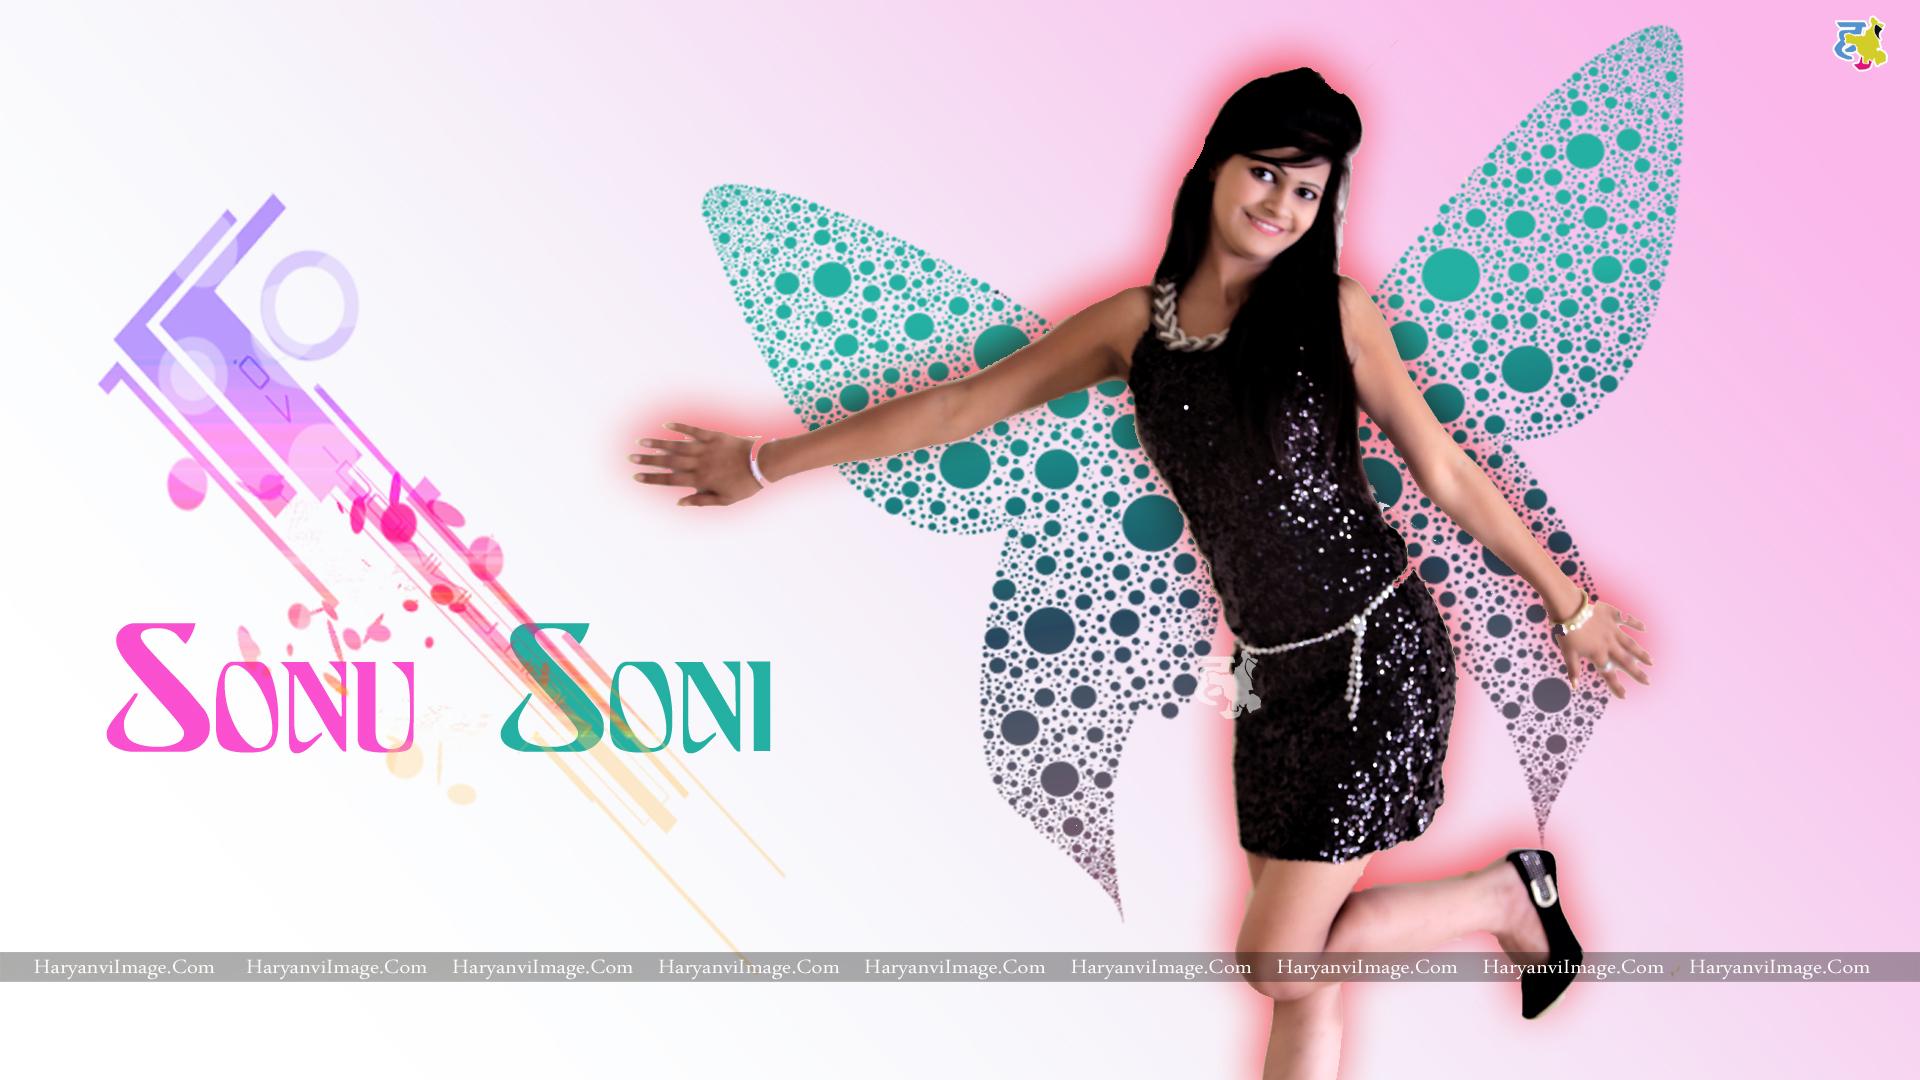 Sonu Soni